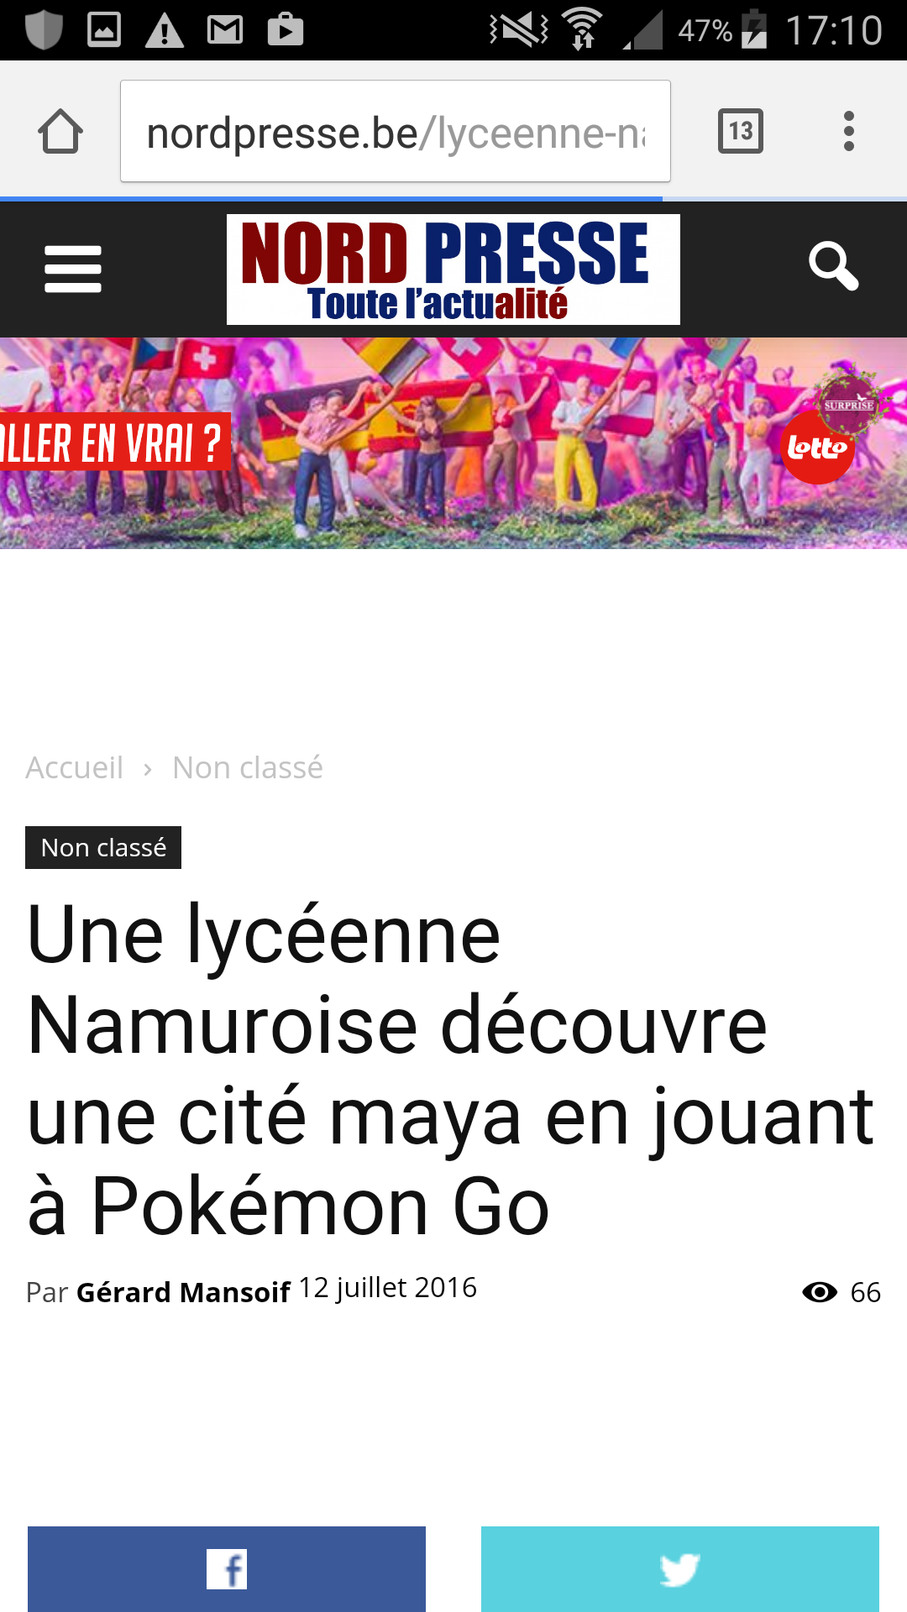 Decouvre un temple maya en jouant a pokemon go - meme